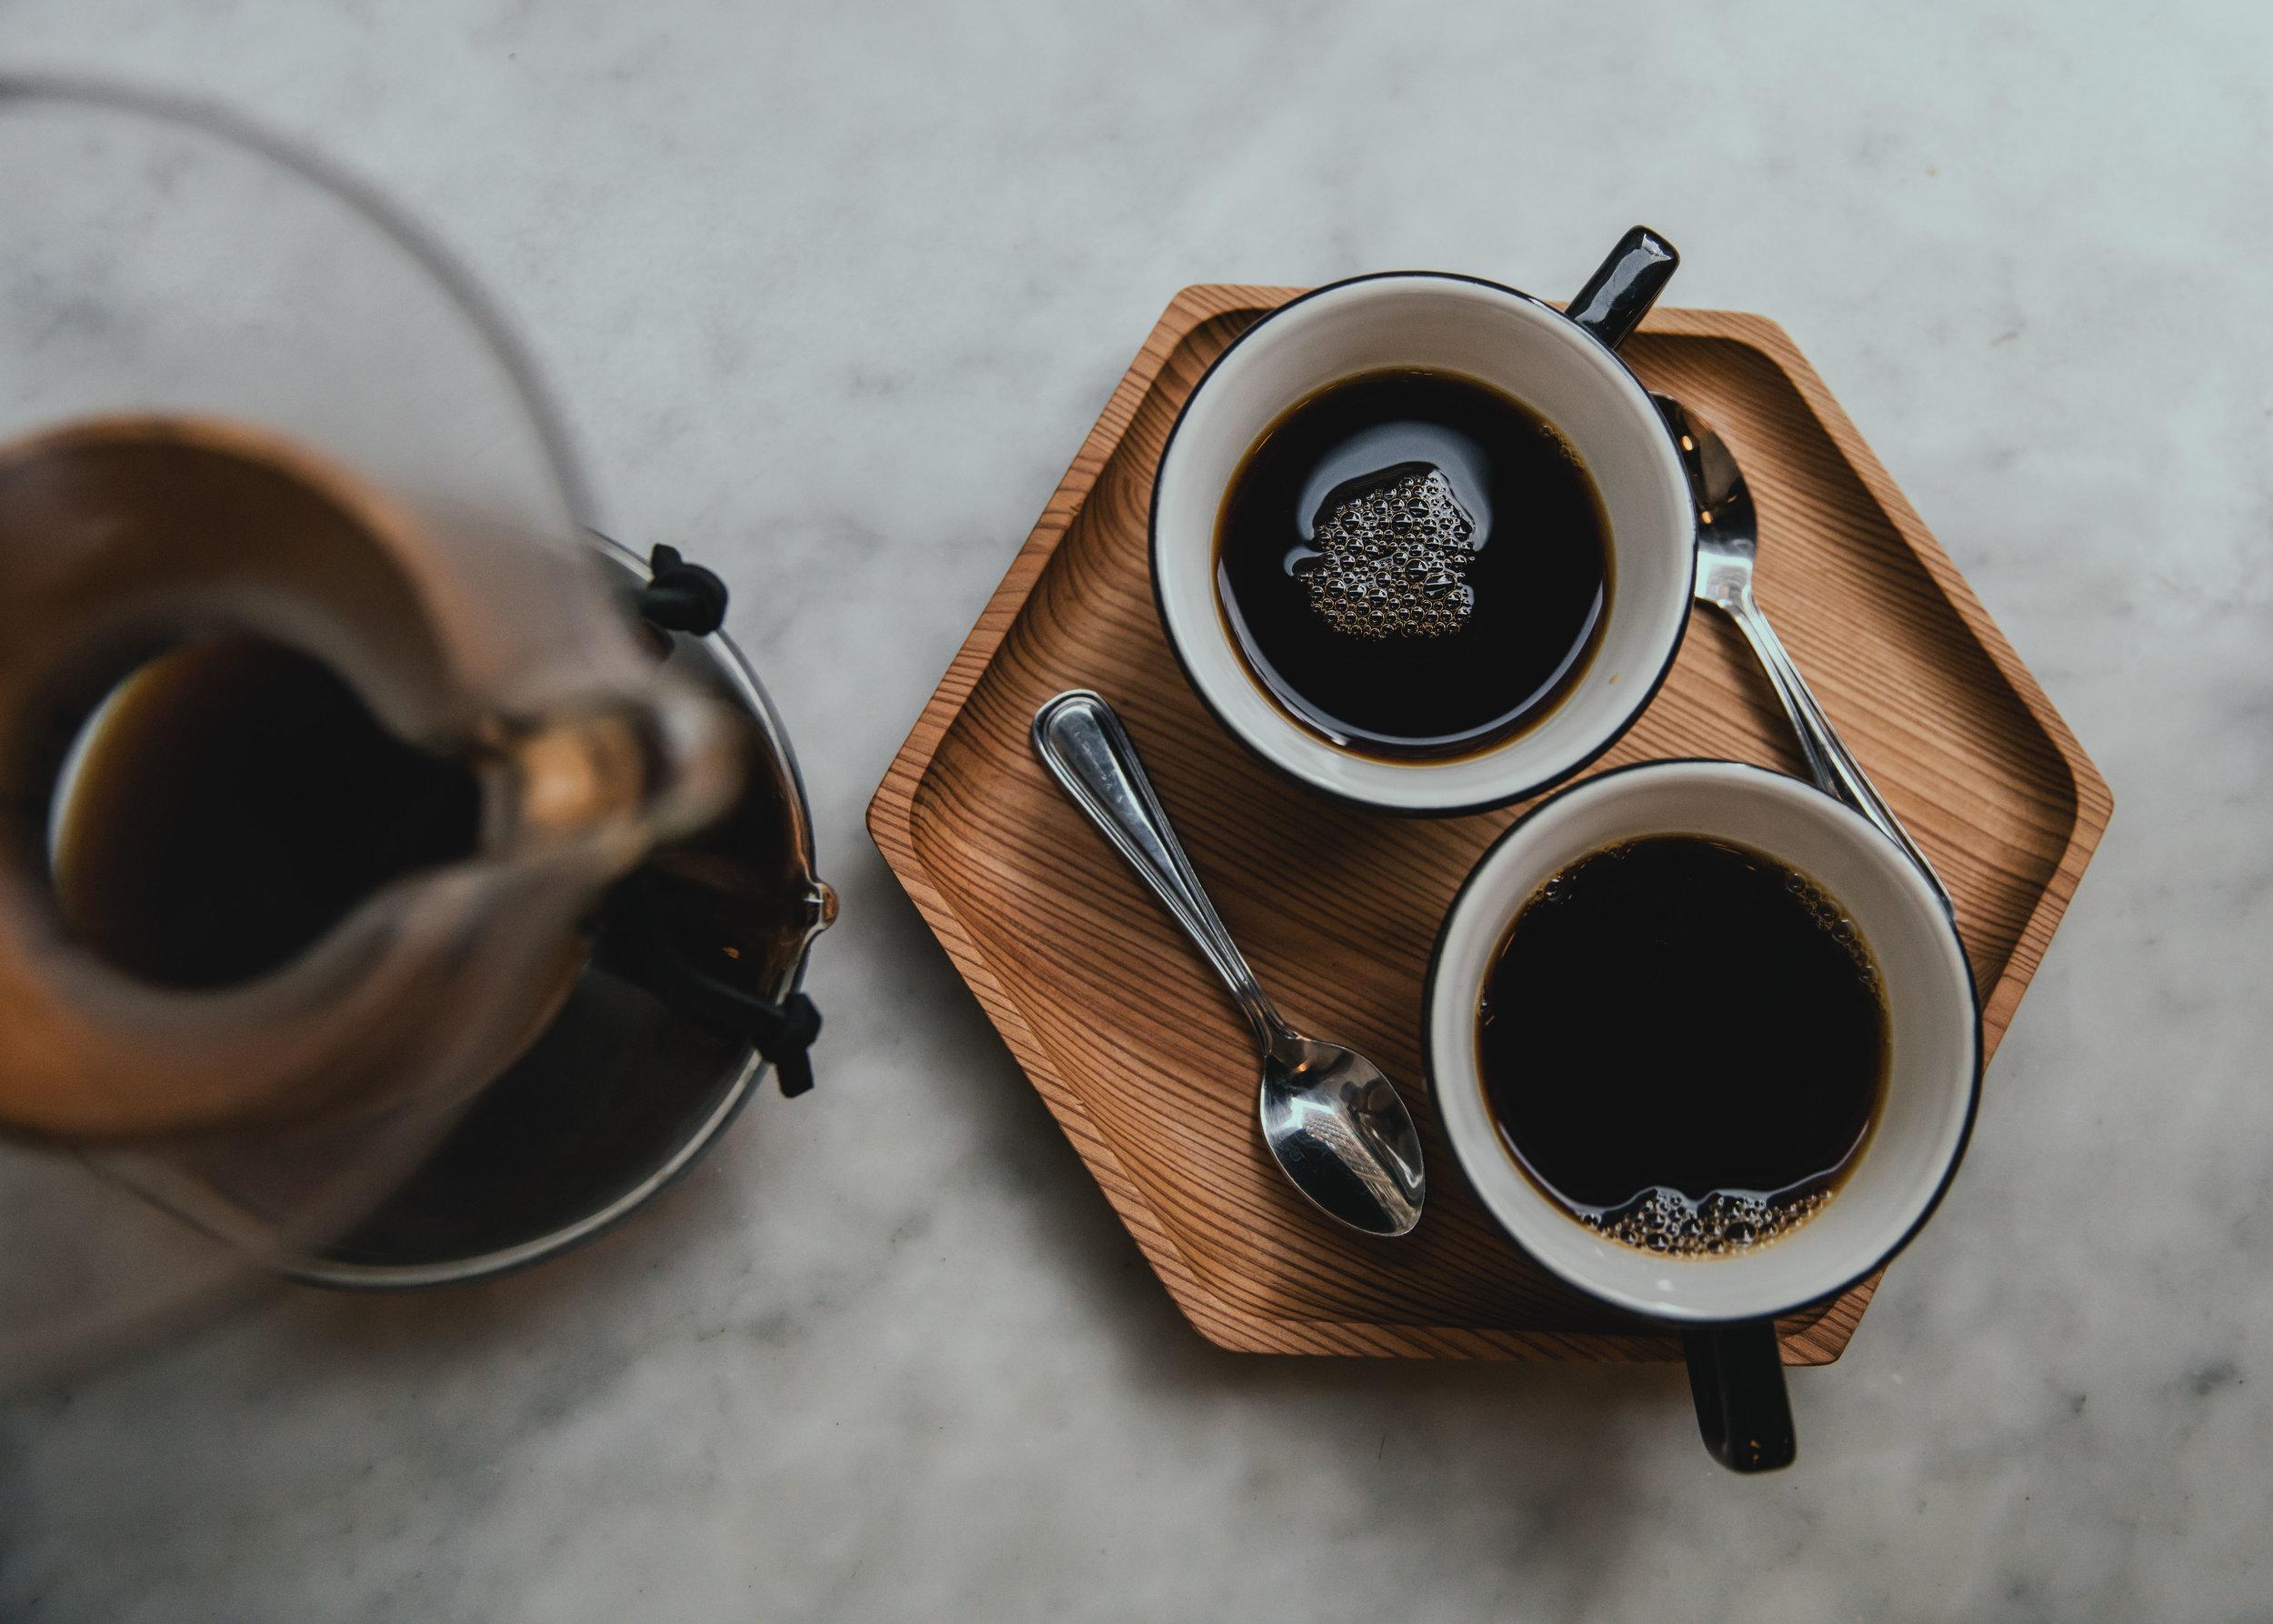 011319_Gotham-coffee-00100.jpg